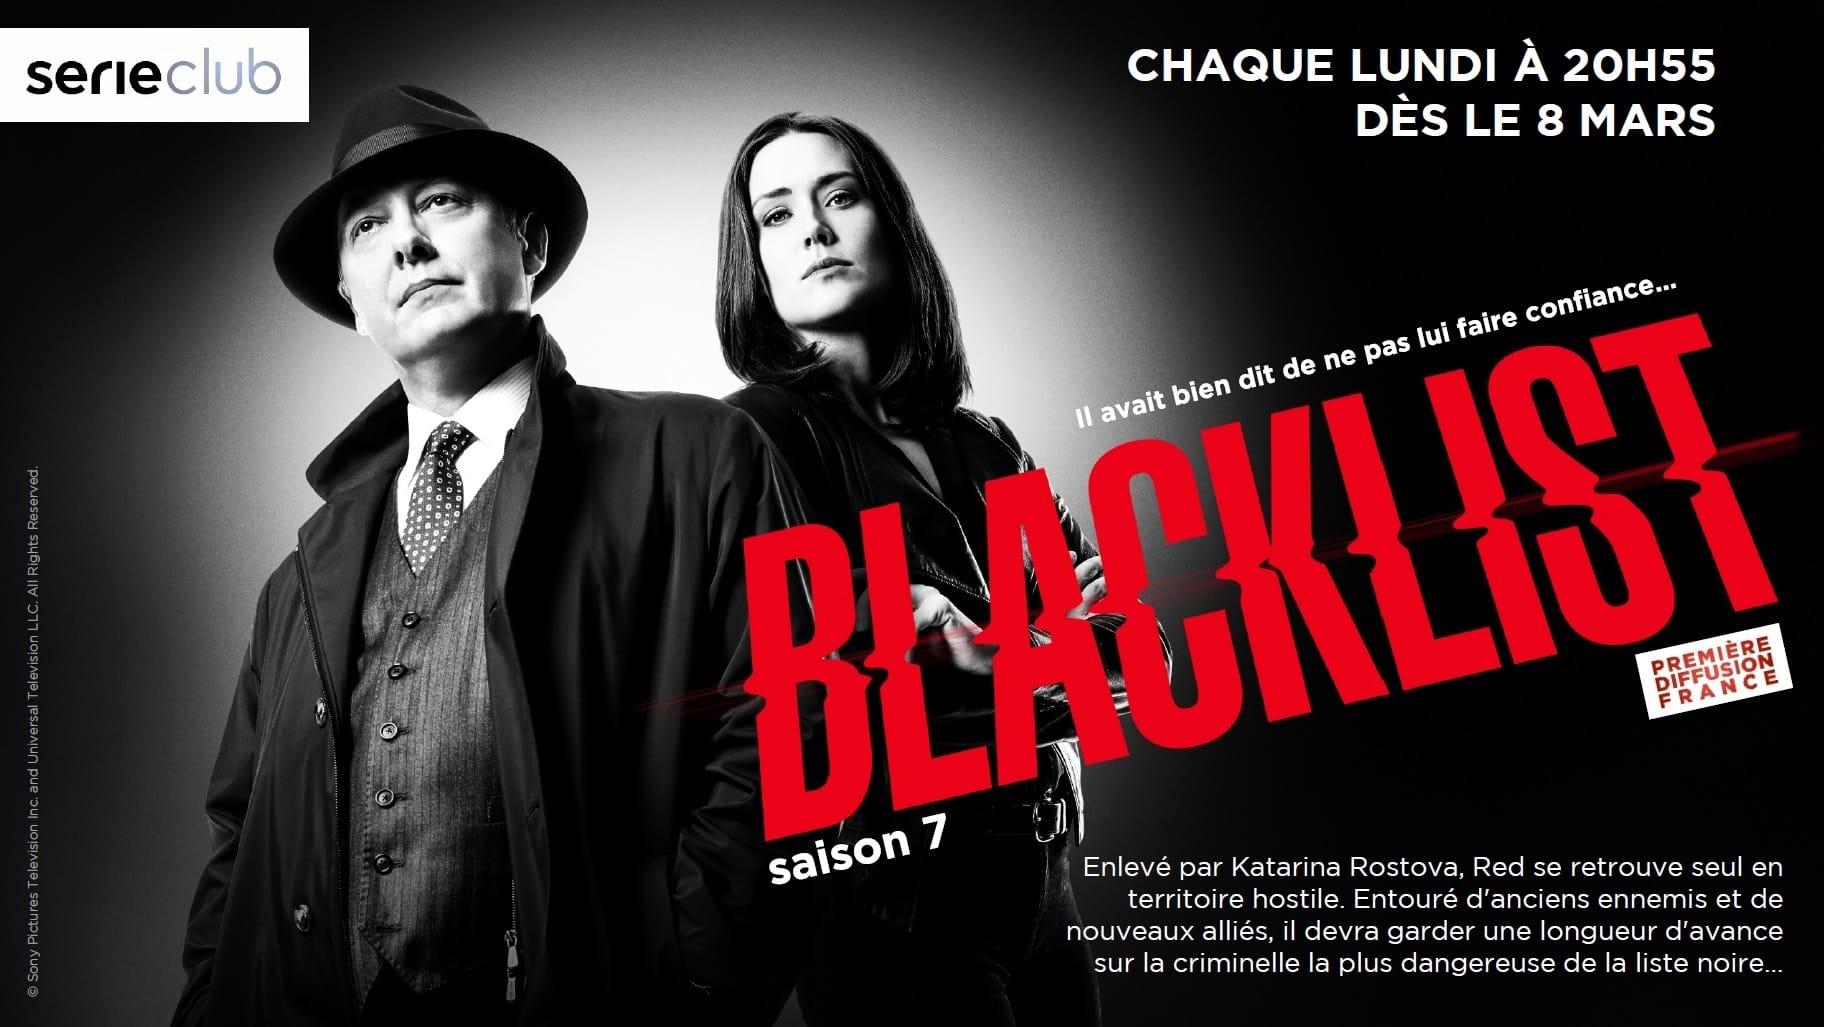 Blacklist saison 7 affiche Serieclub série télé